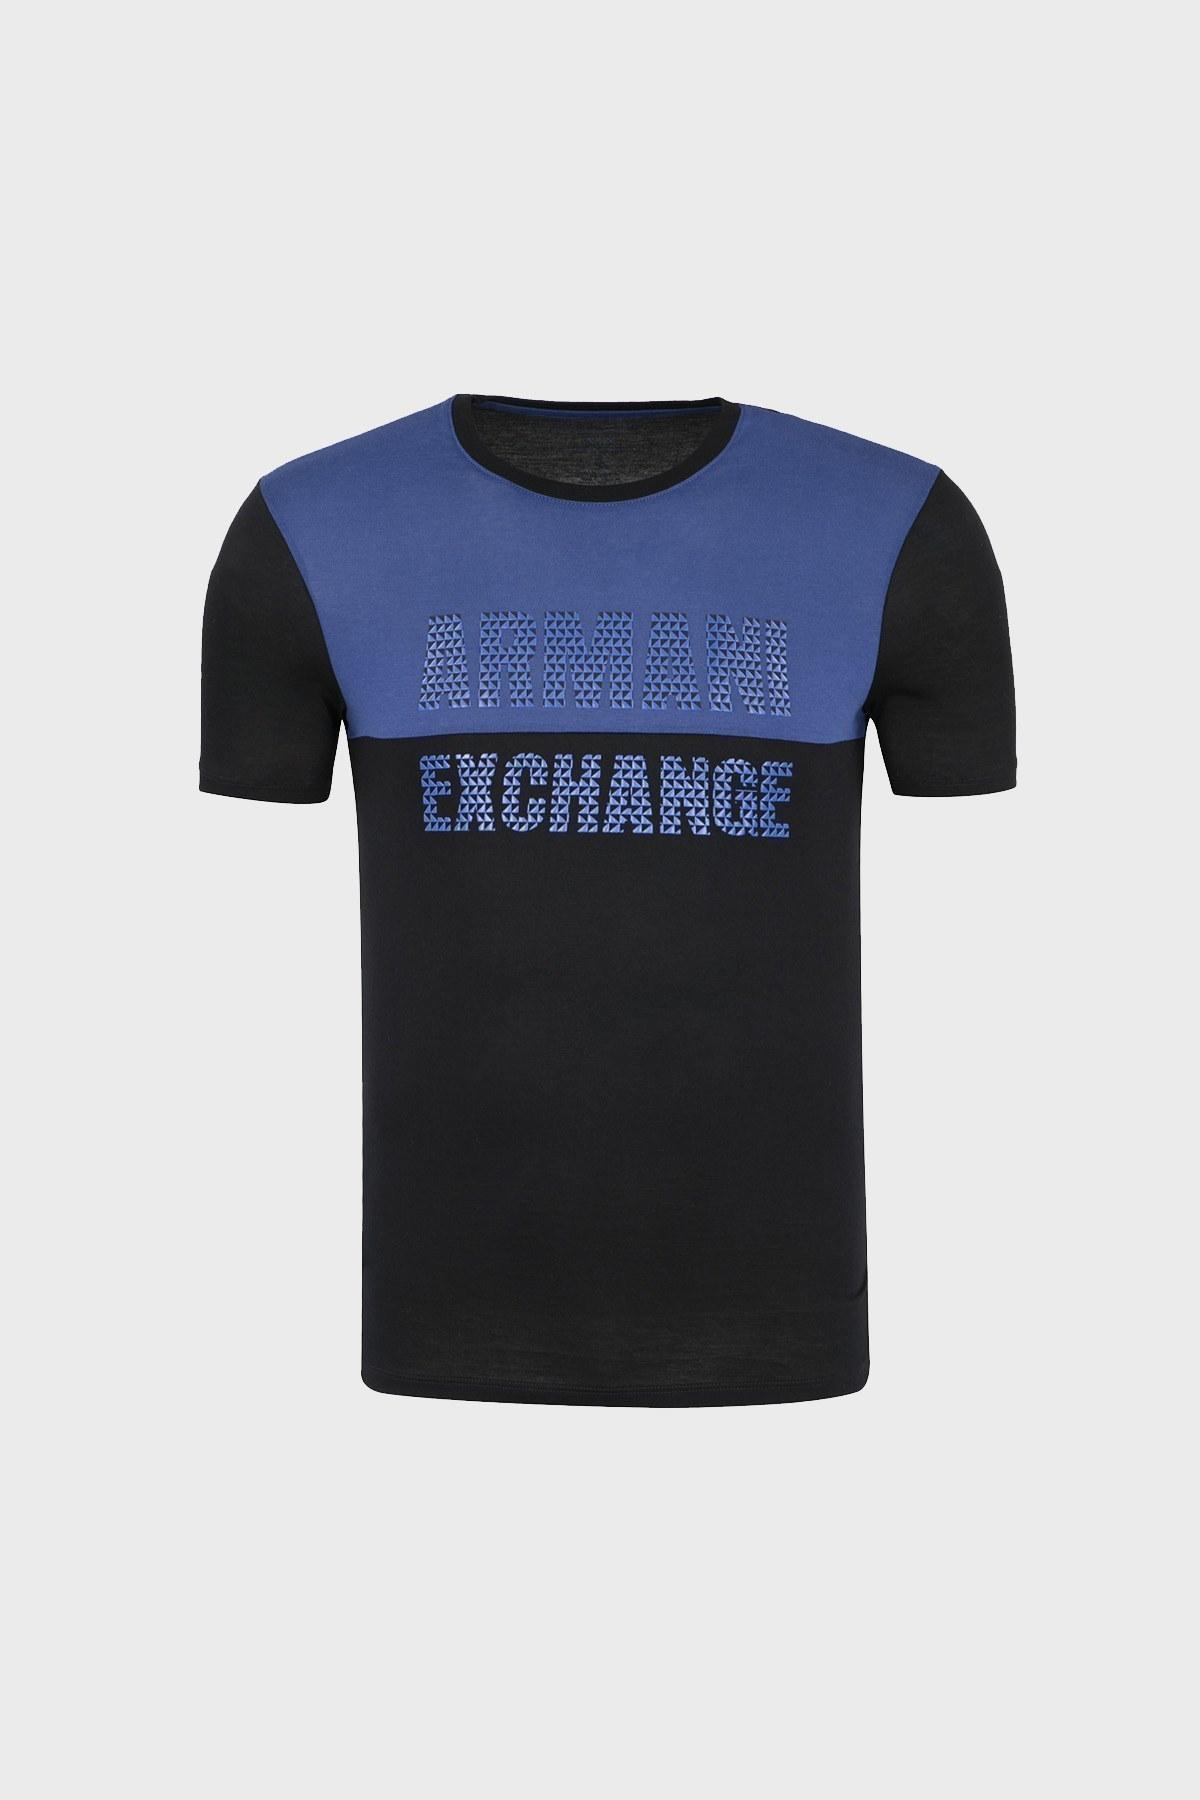 ARMANI EXCHANGE T SHIRT Erkek T Shirt 6ZZTBX ZJA5Z 4253 SİYAH